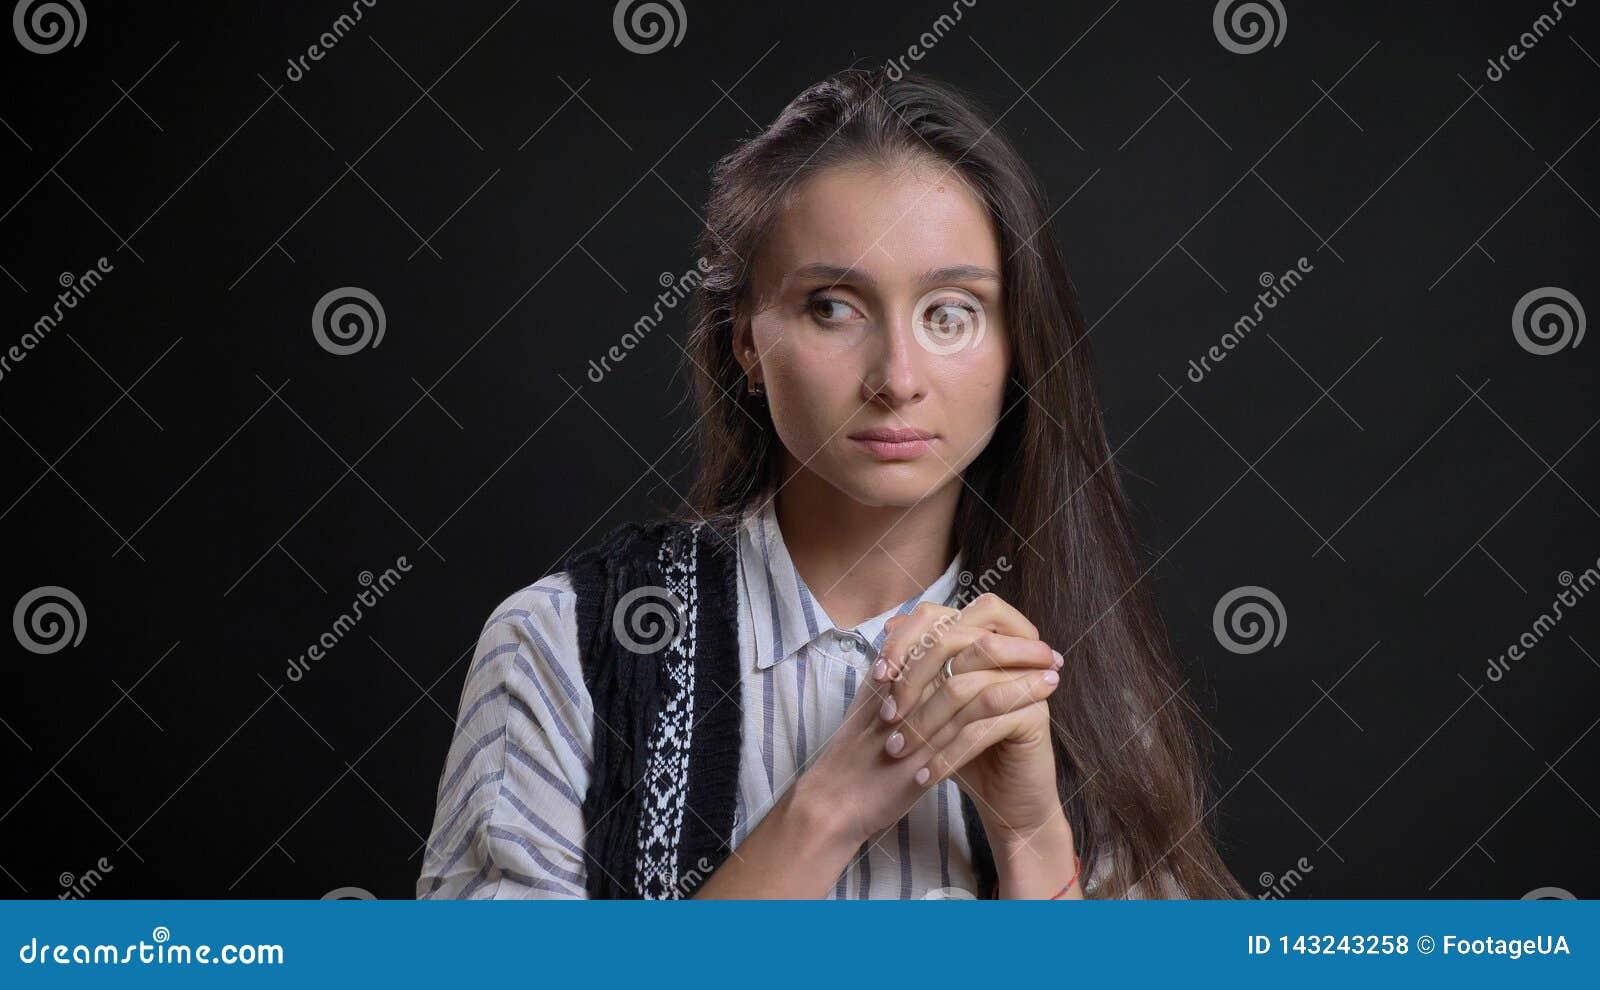 Nahaufnahmeporträt der jungen hübschen kaukasischen Frau, die durchdacht ist und zur Seite mit lokalisiertem Hintergrund schaut